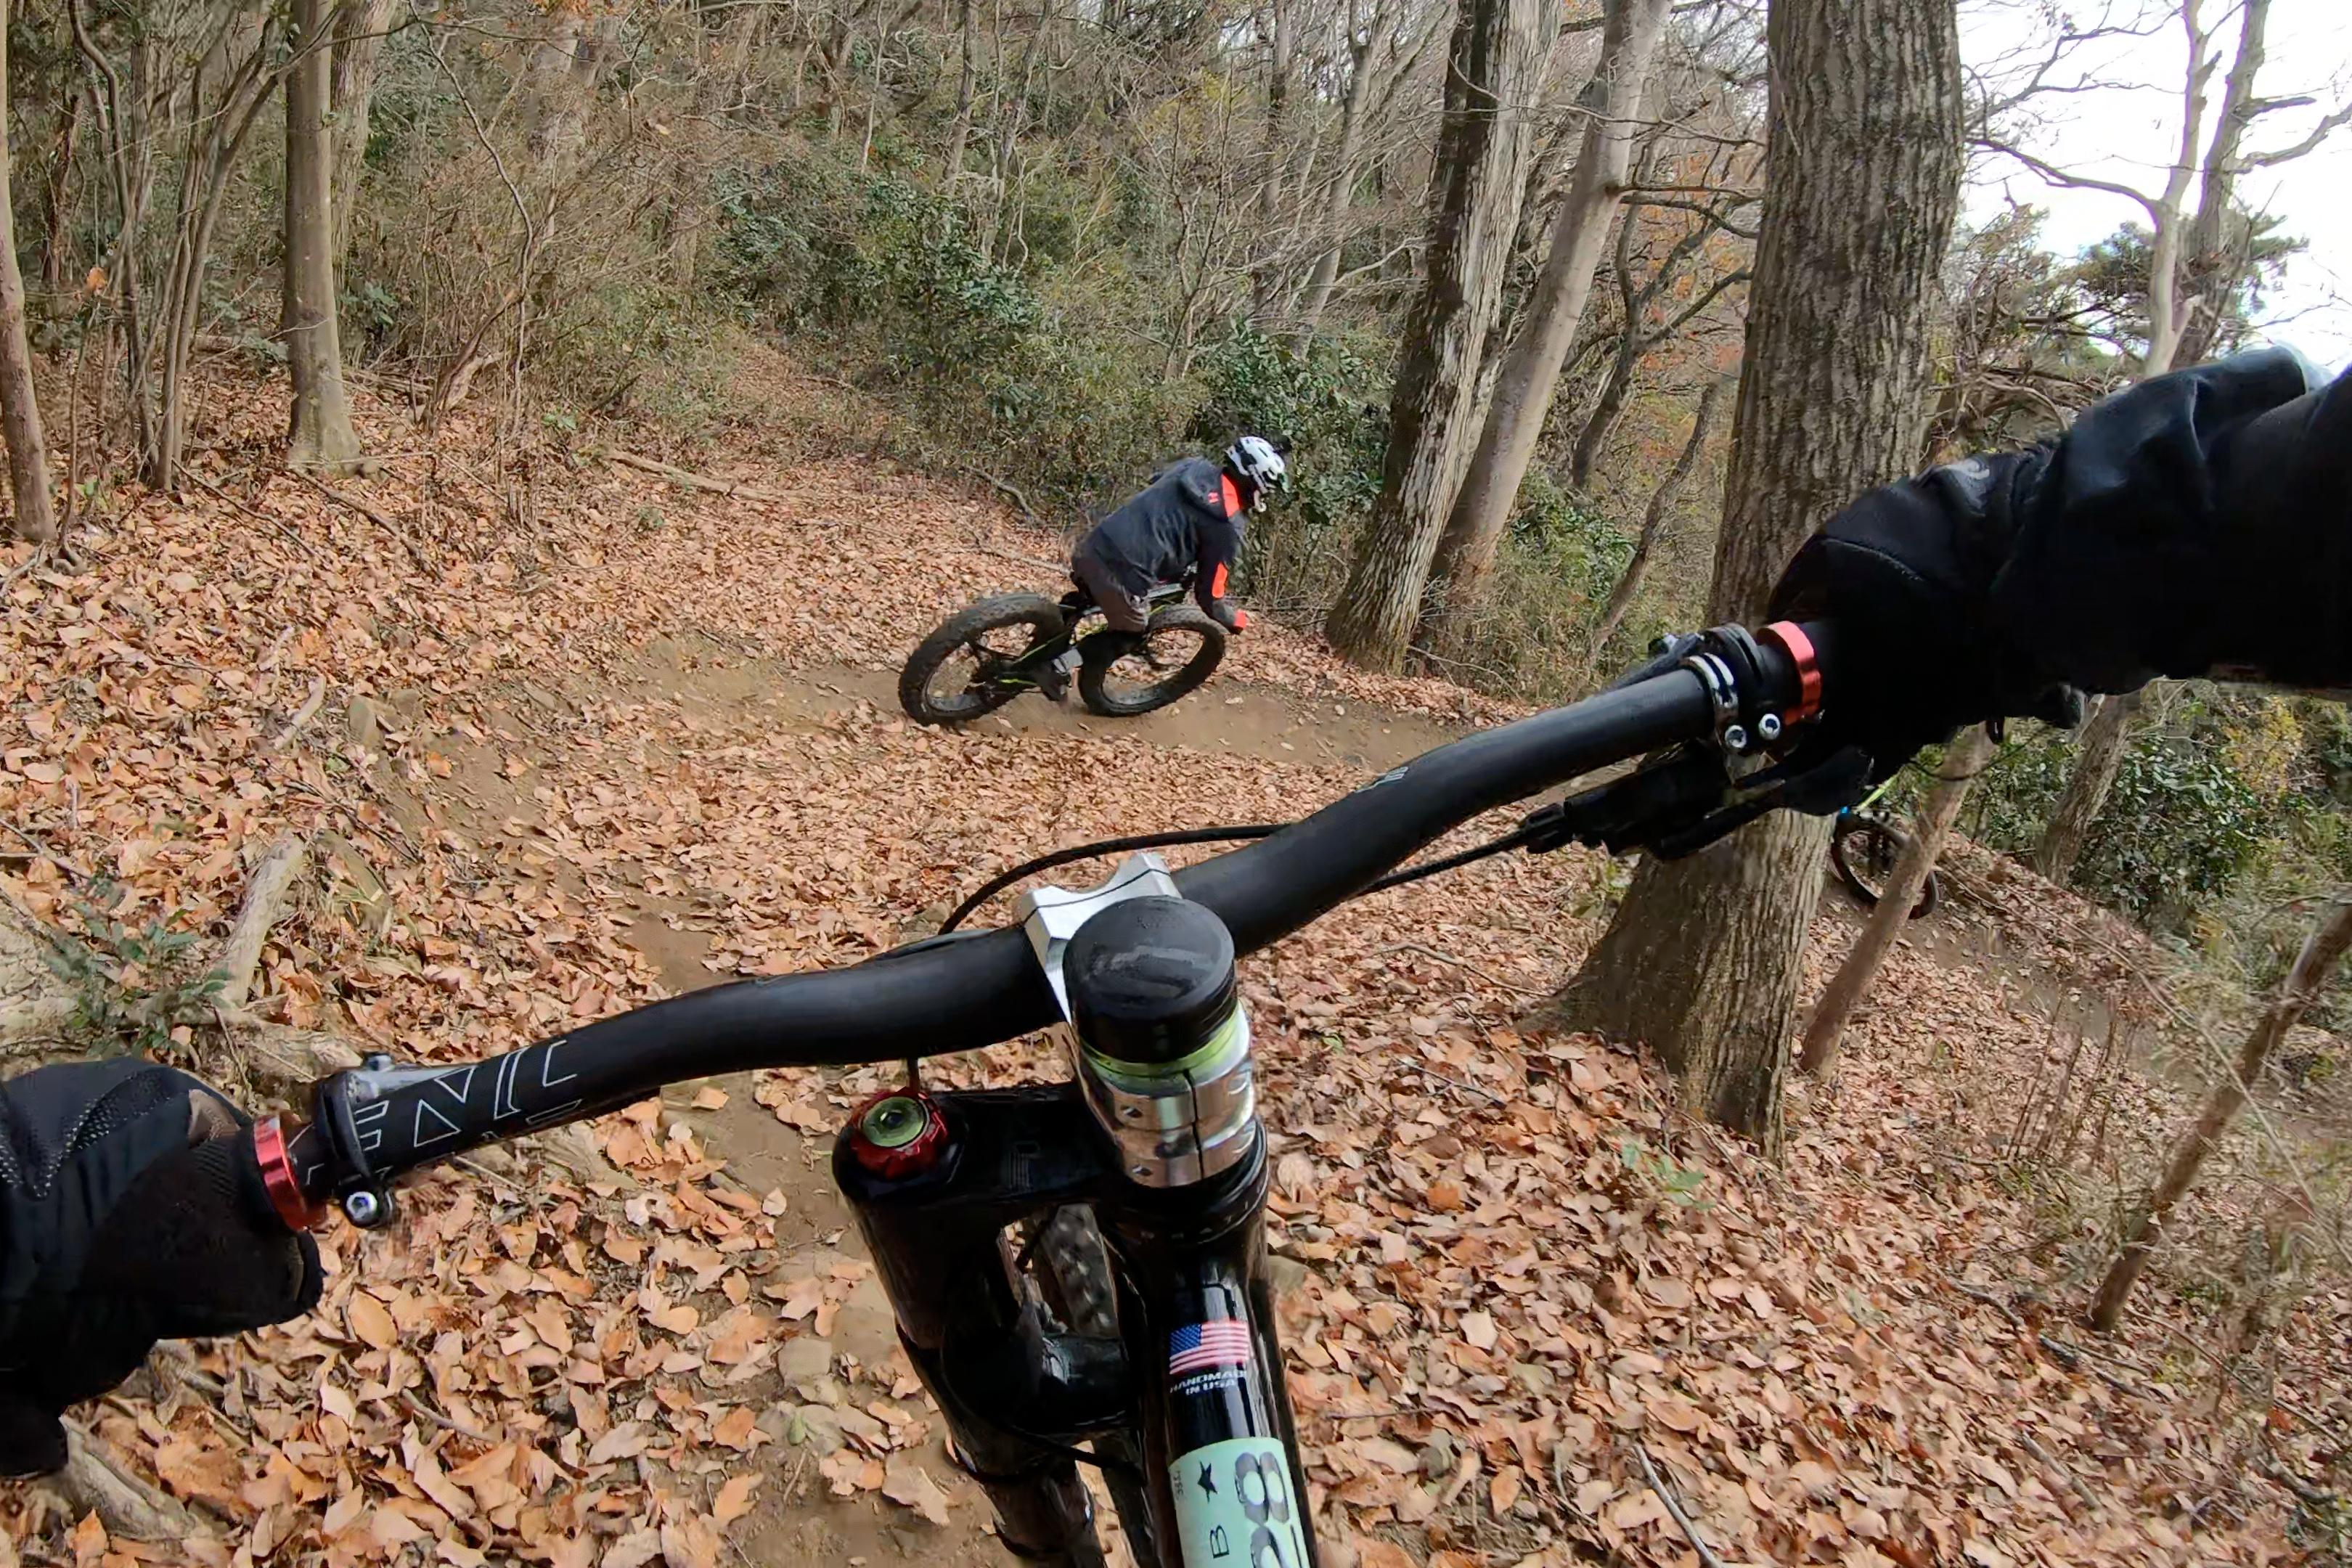 先行するLefty搭載Fat Bike